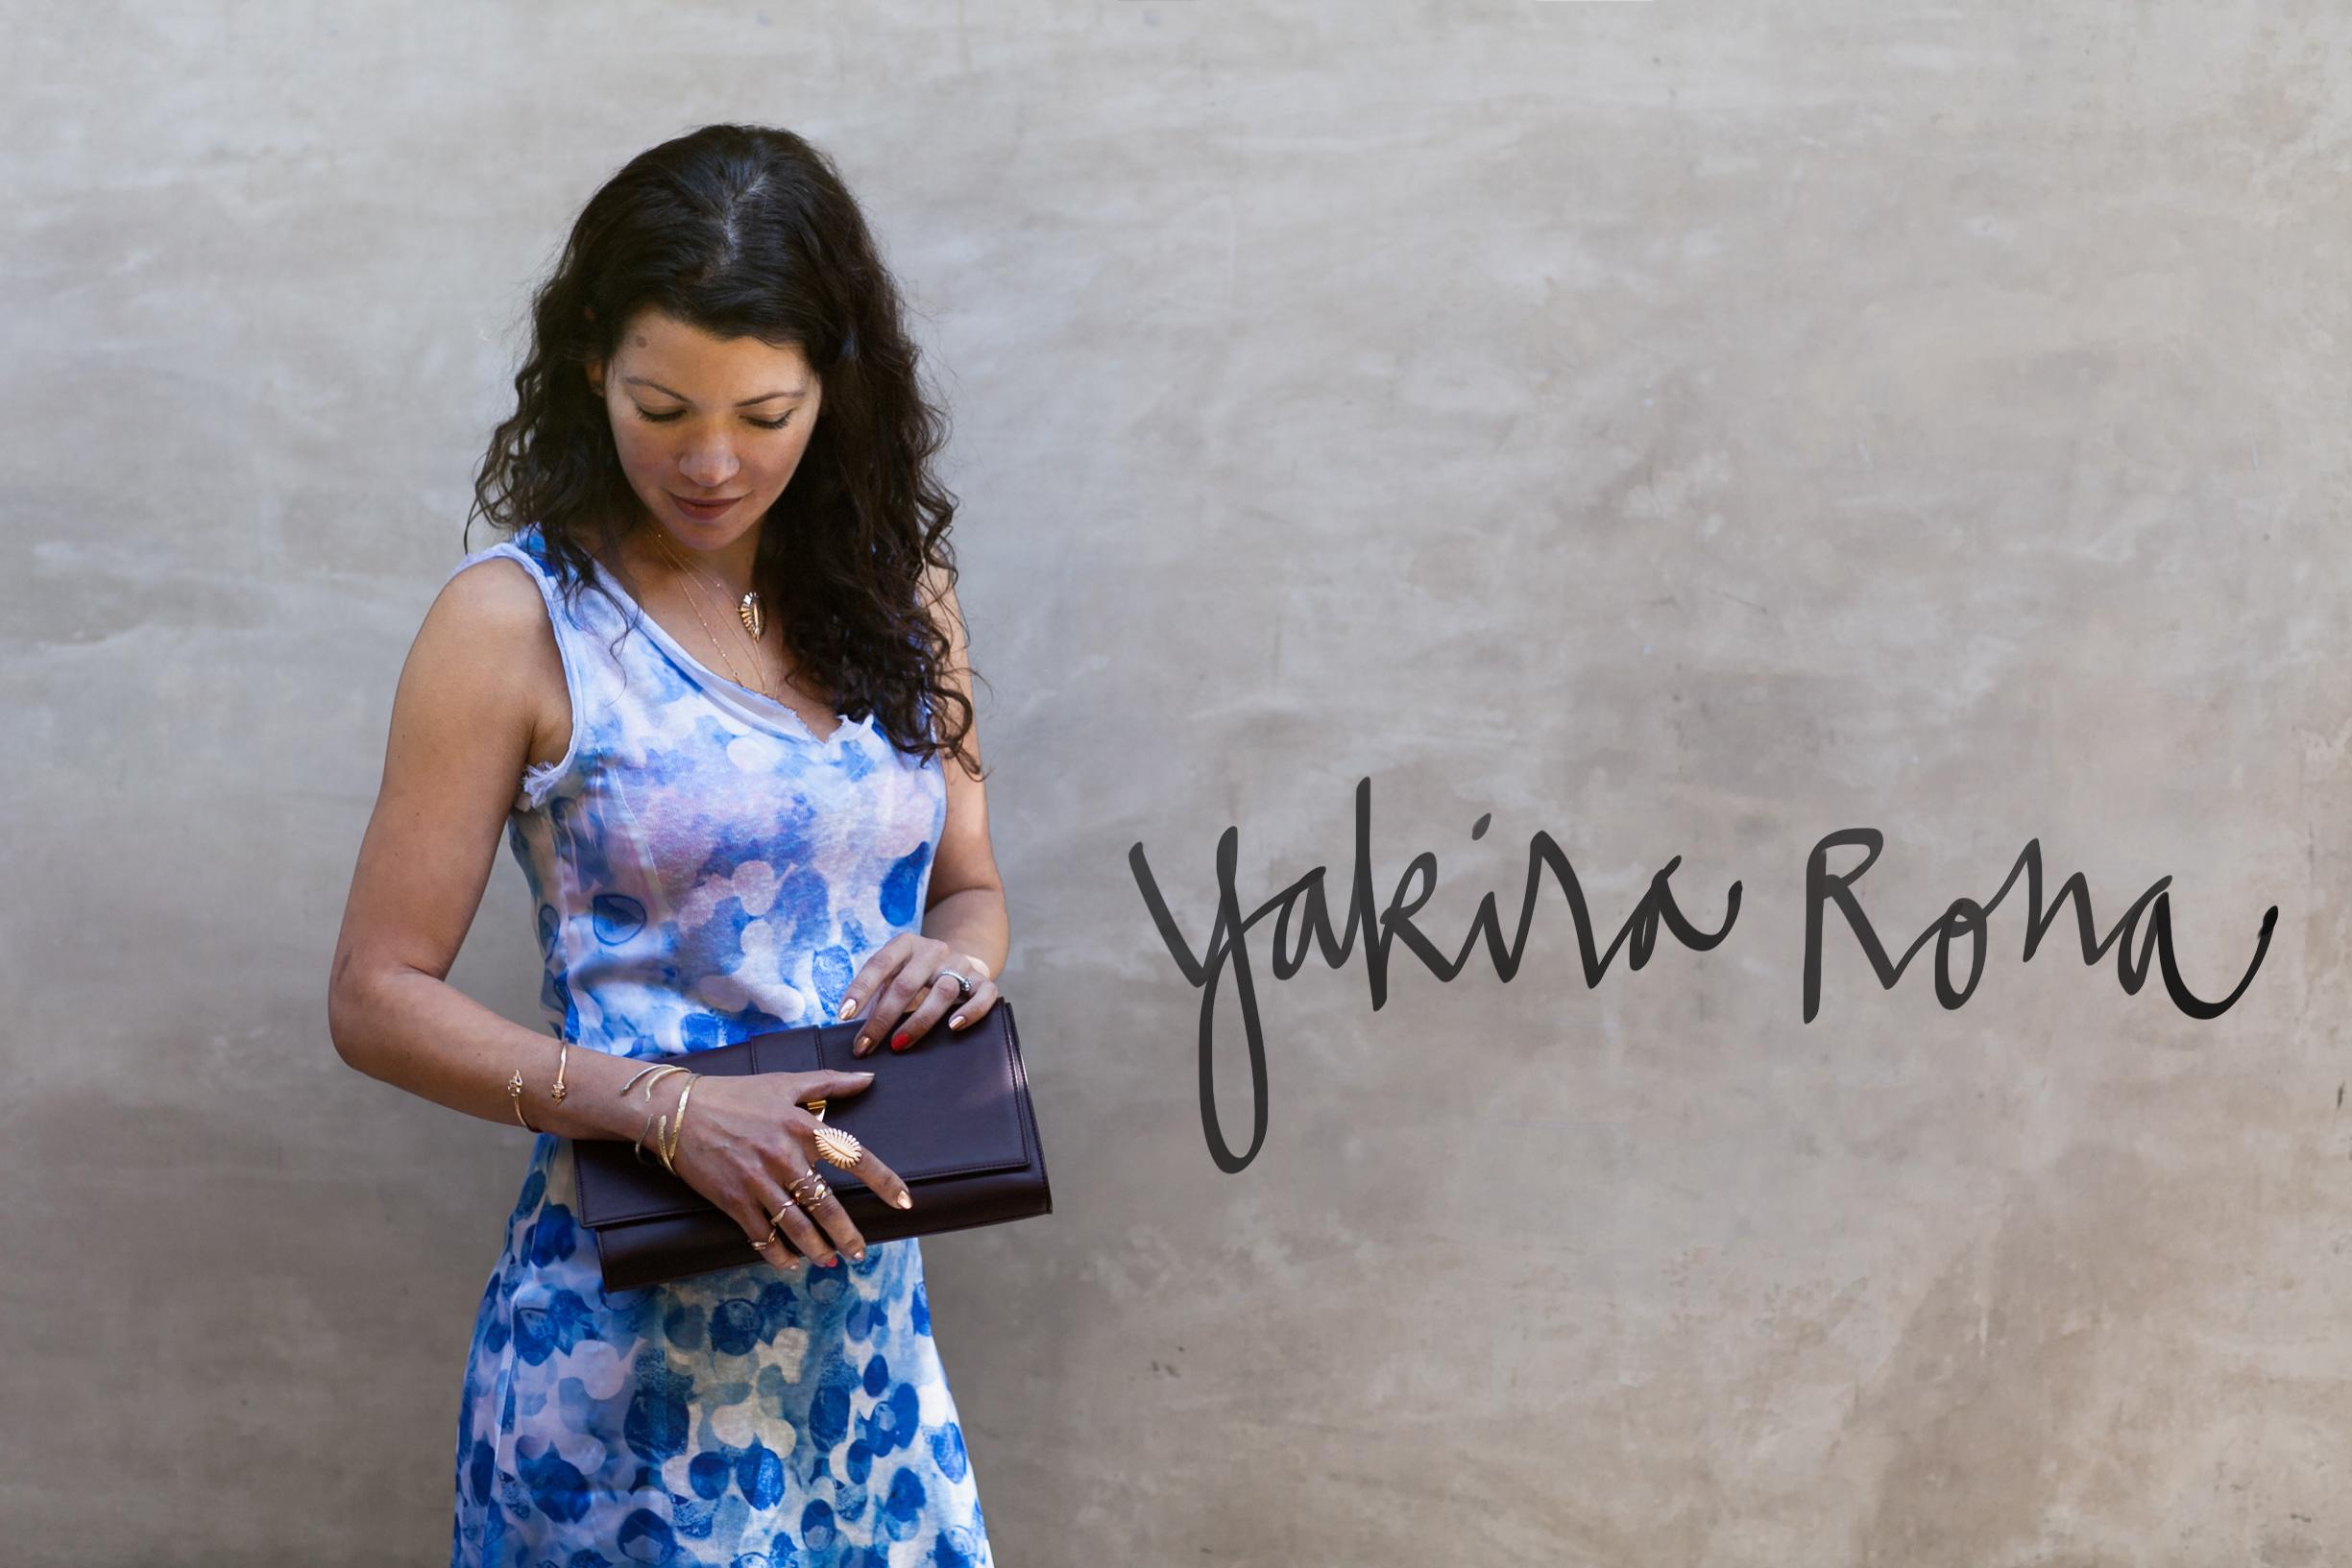 Yakira Rona on Smile Heart Love